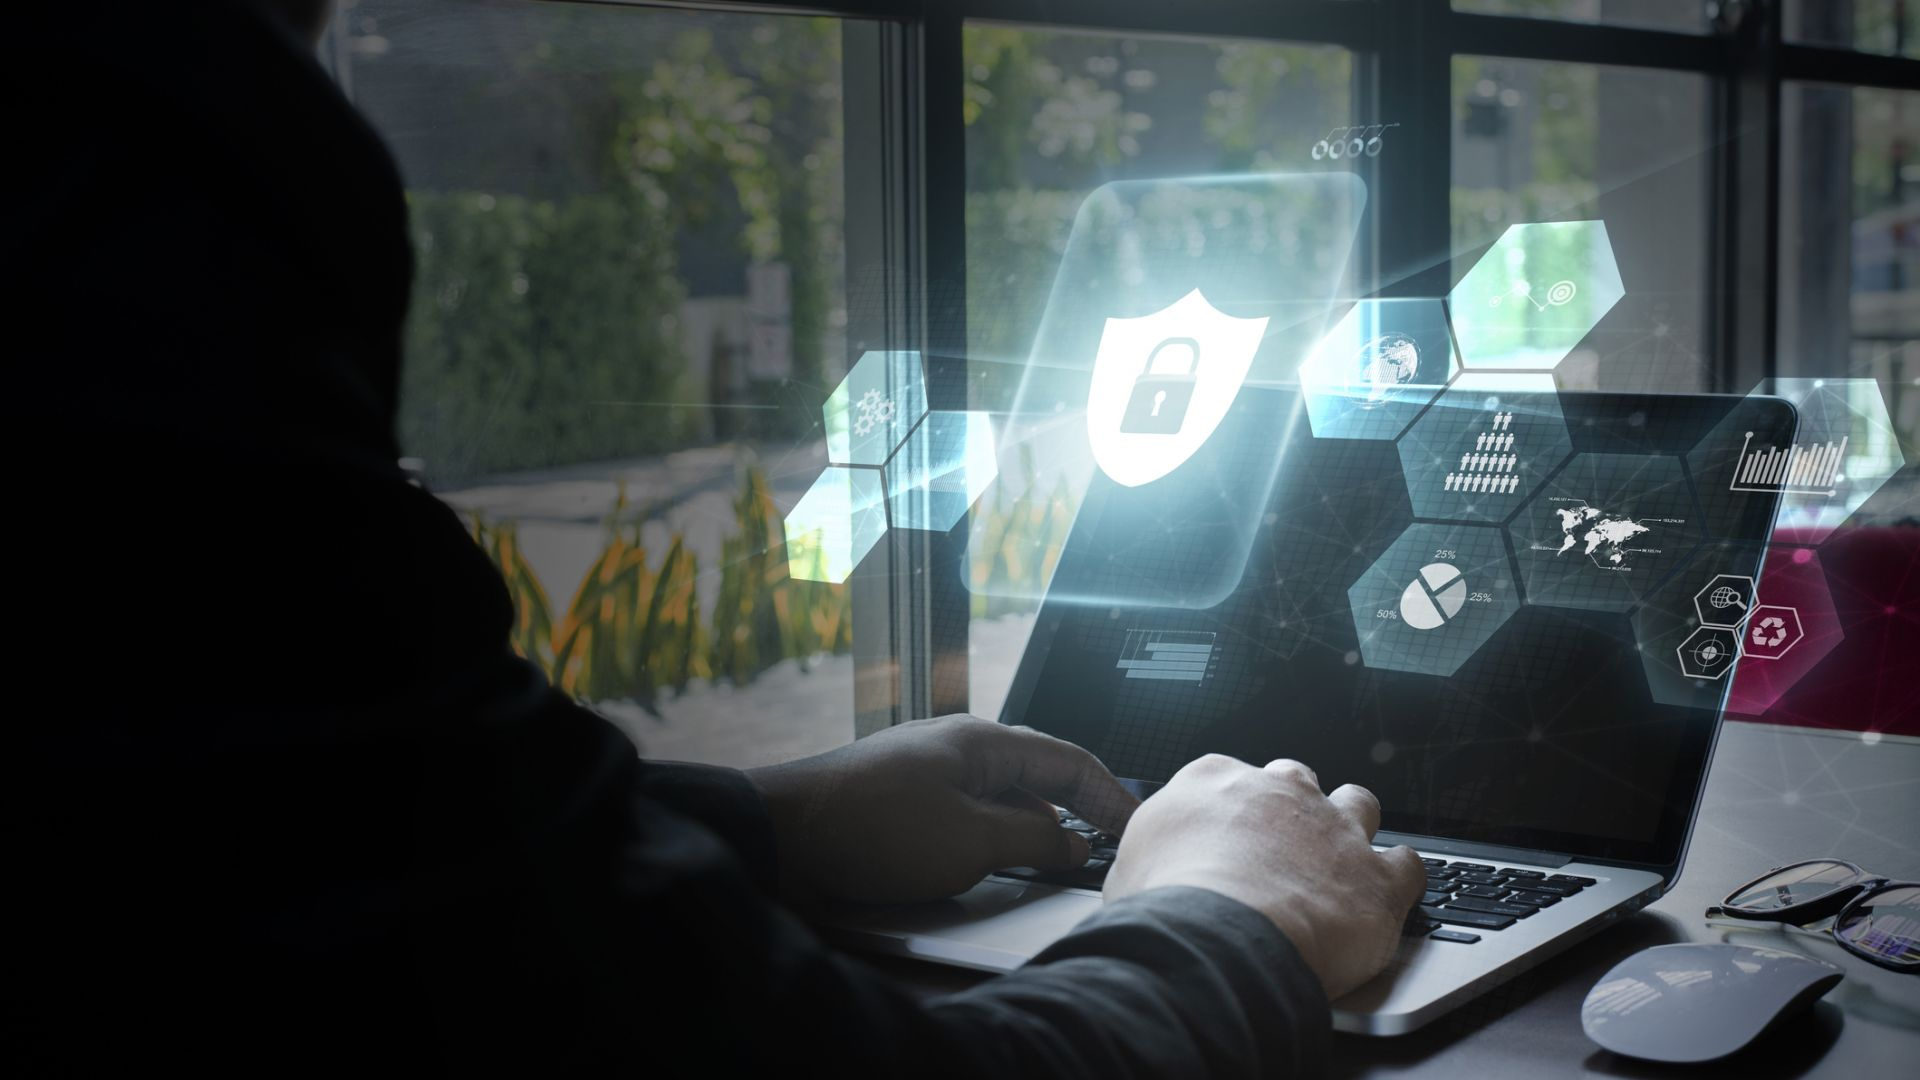 Вече има наджедни средства срещу модерните методи за кибератаки